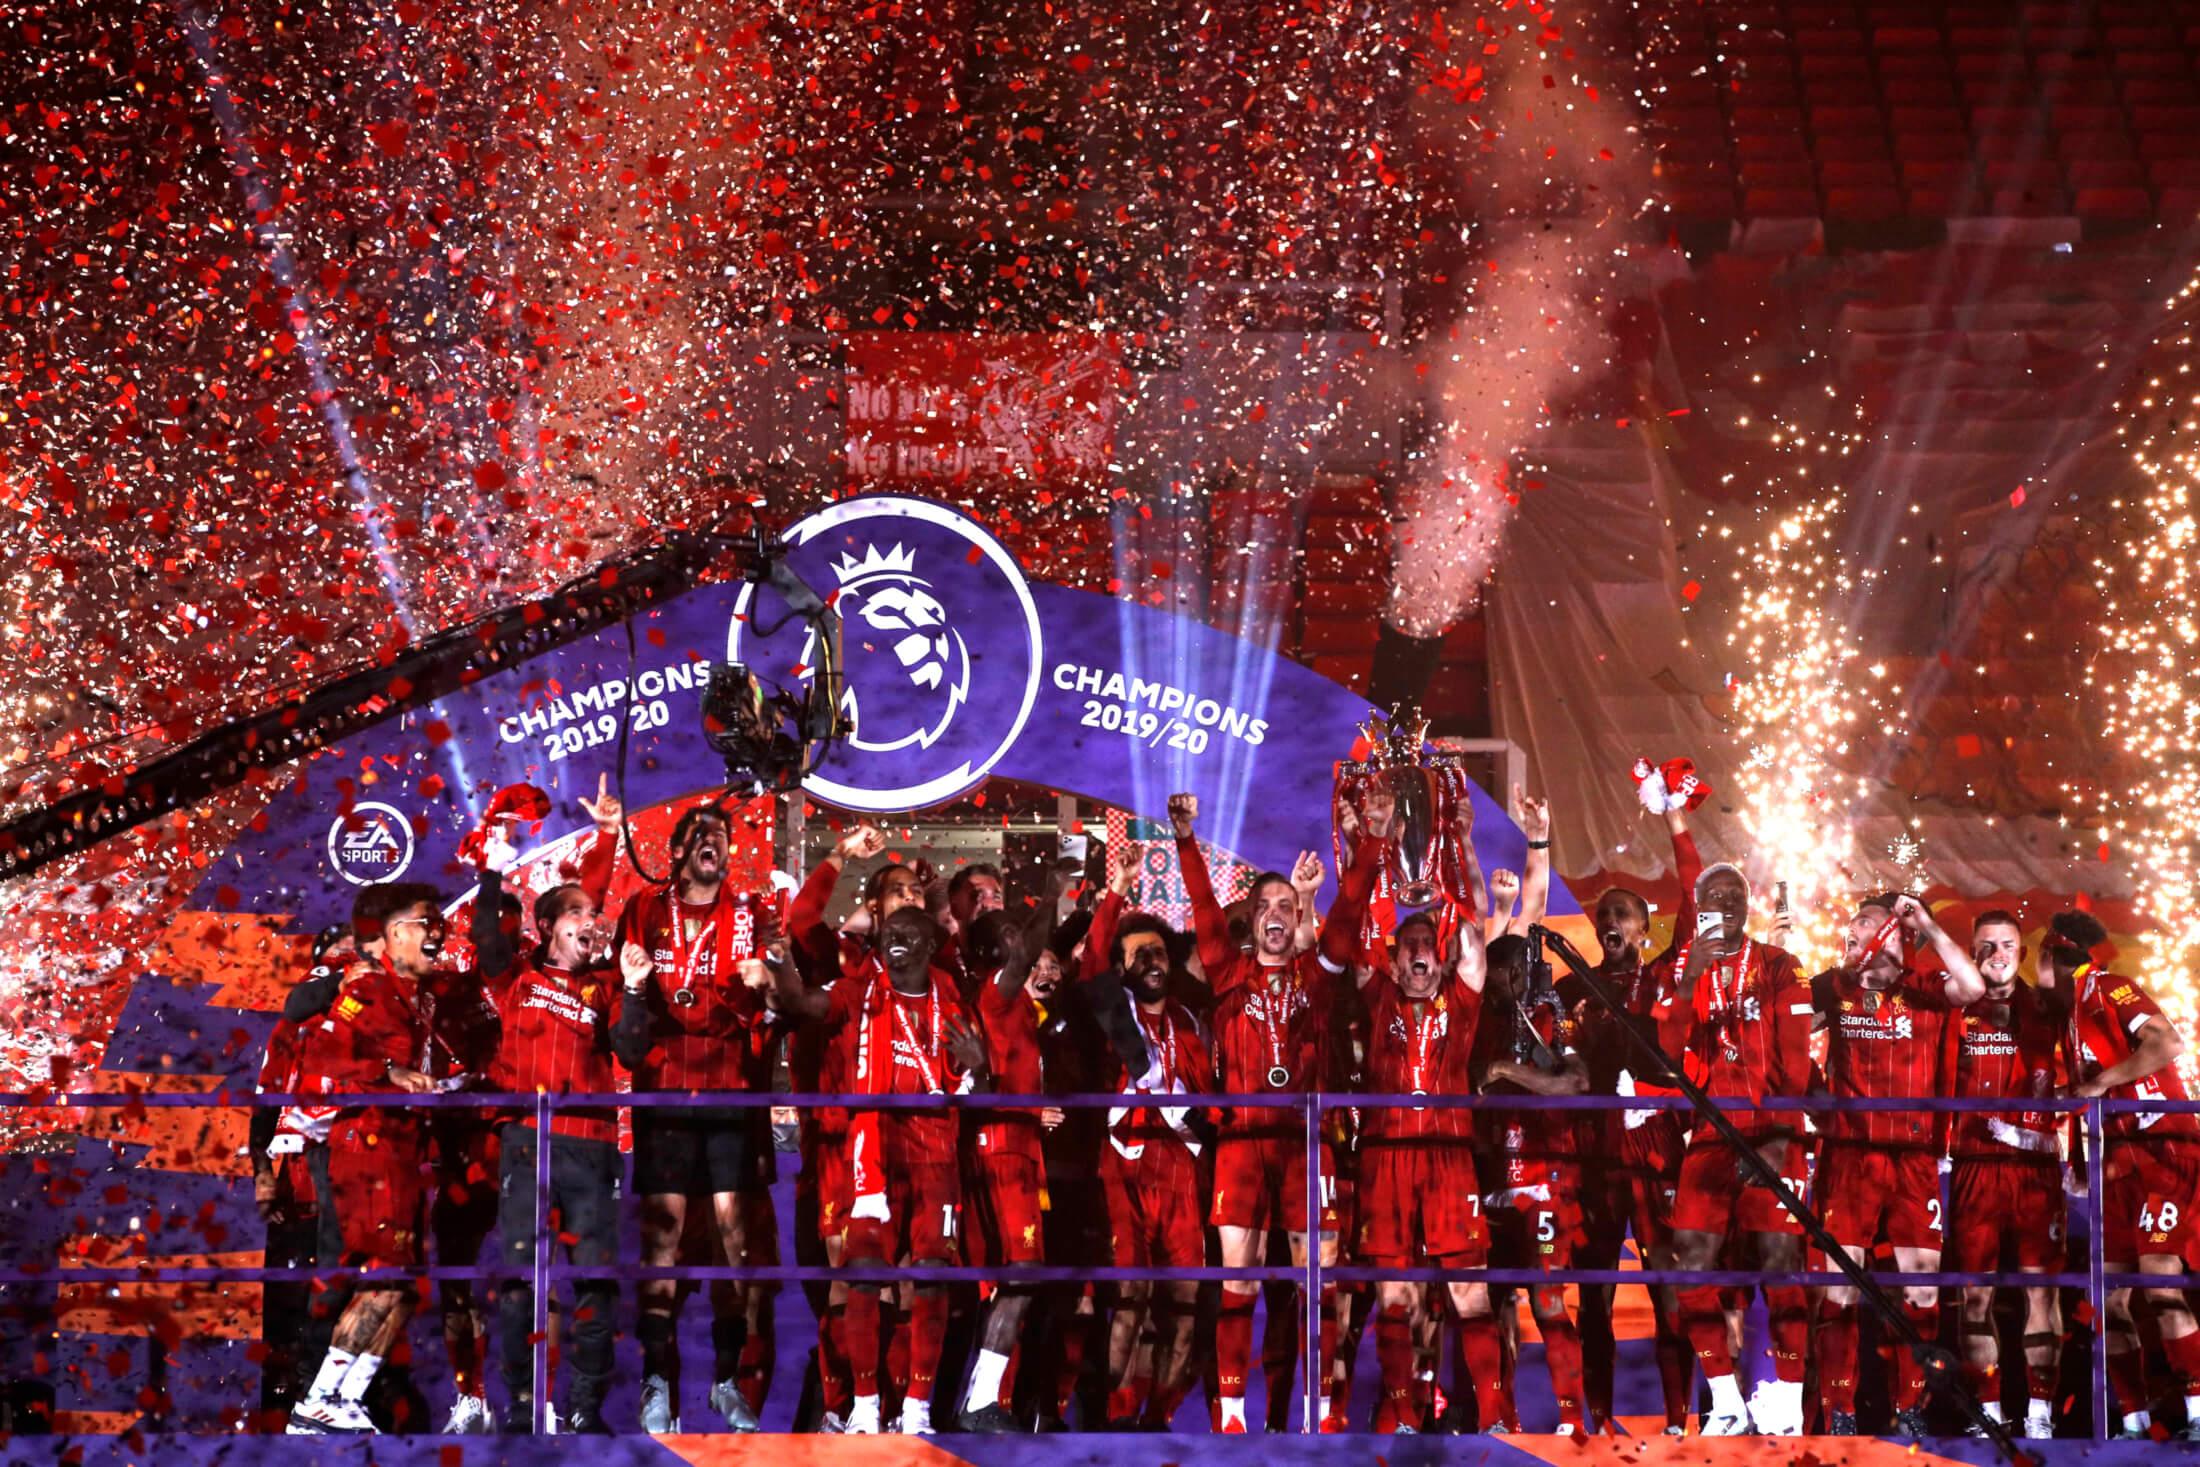 📷Фоторепортаж: Церемония награждения - ФК Ливерпуль